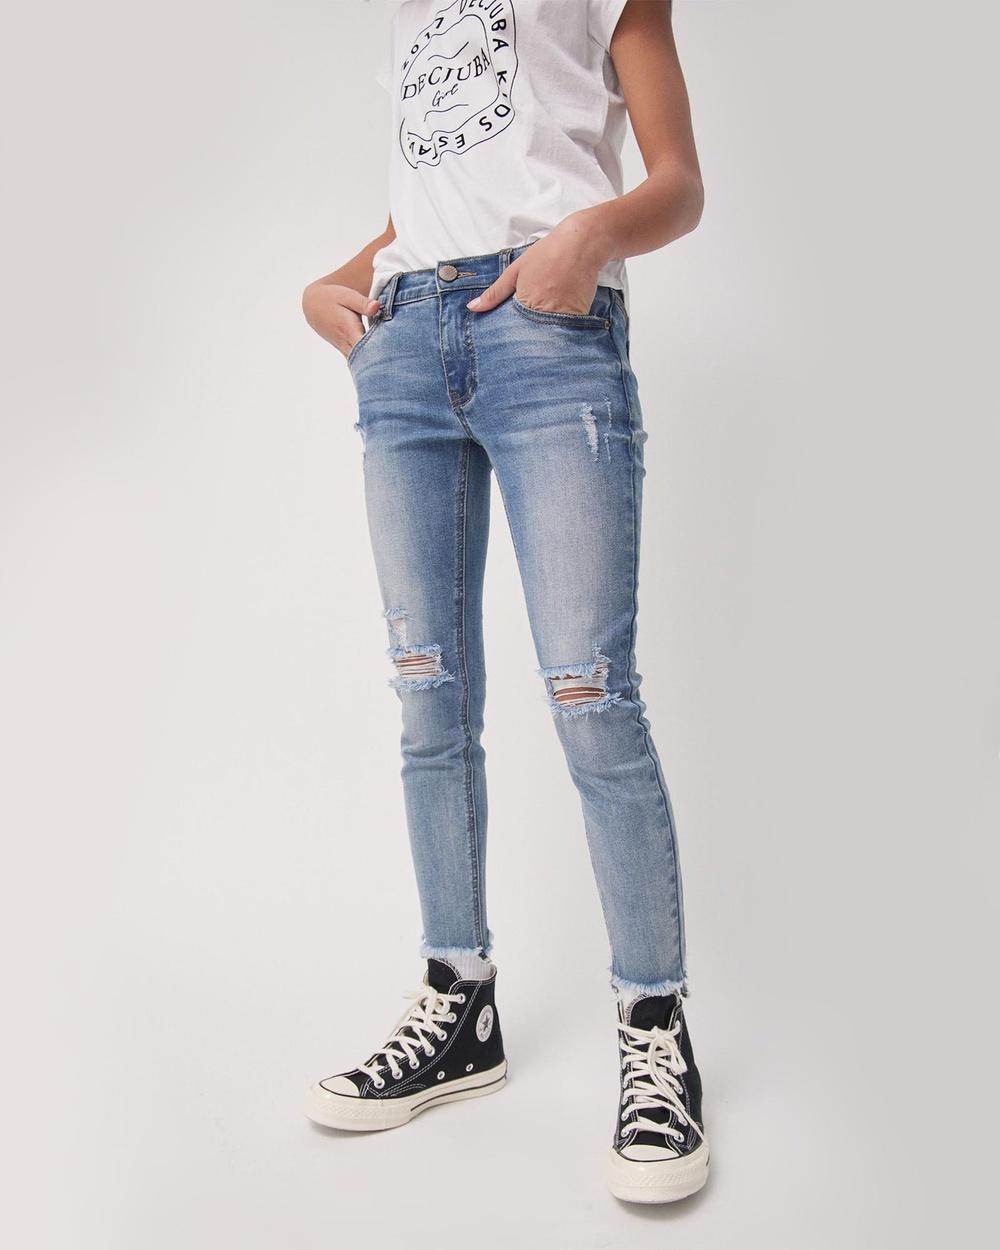 Decjuba Kids Ella Distressed Jeans Teens Slim Vintage Denim Kids-Teens Australia